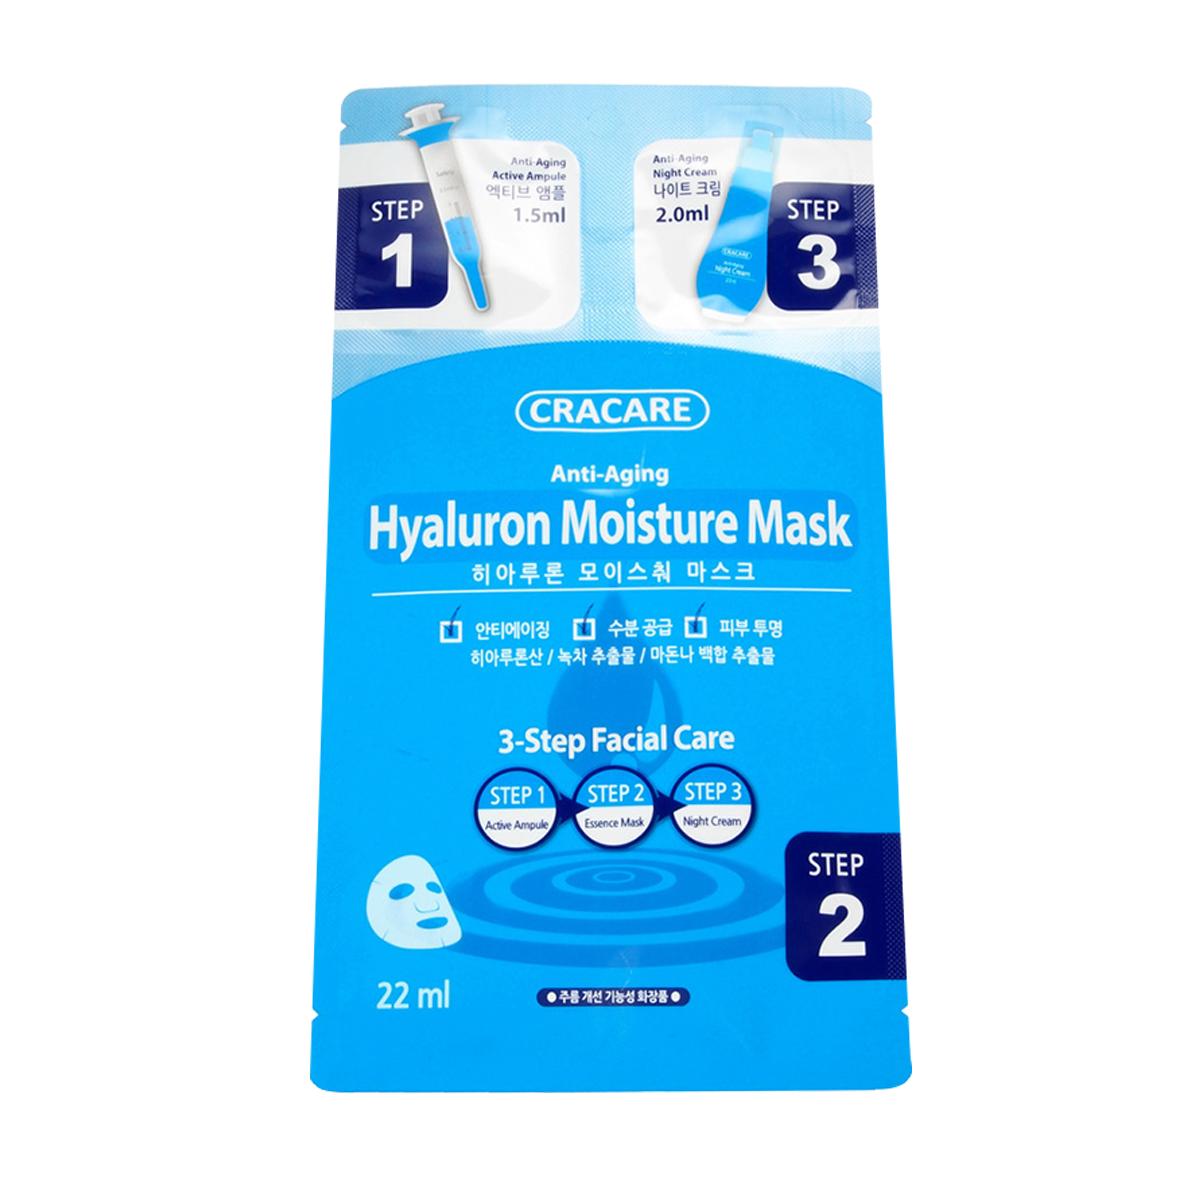 Cracare Гиалуроновая увлажняющая маска 3 шага929632Гиалуроновая увлажняющая маска выравнивает текстуру кожи и глубоко увлажняет. 3-х Ступенчитая Противовозрастная Система Активная ампула. На очищенную кожу нанести умеренное количество, преимущественно вокруг глаз и губ, остаток ампулы может быть нанесено на область, которая Вас больше всего беспокоит. Маска. Нанести маску на лицо, оставить на 20-30 минут. .Затем снять маску, а остатки геля легкими движениями распределить по лицу. Ночной крем. Нанести умеренное количество, преимущественно вокруг глаз и губ. Меры предосторожности: Хранить в недоступном для детей месте. Избегать контакта с глазами. Срок годности после вскрытия 1 день.